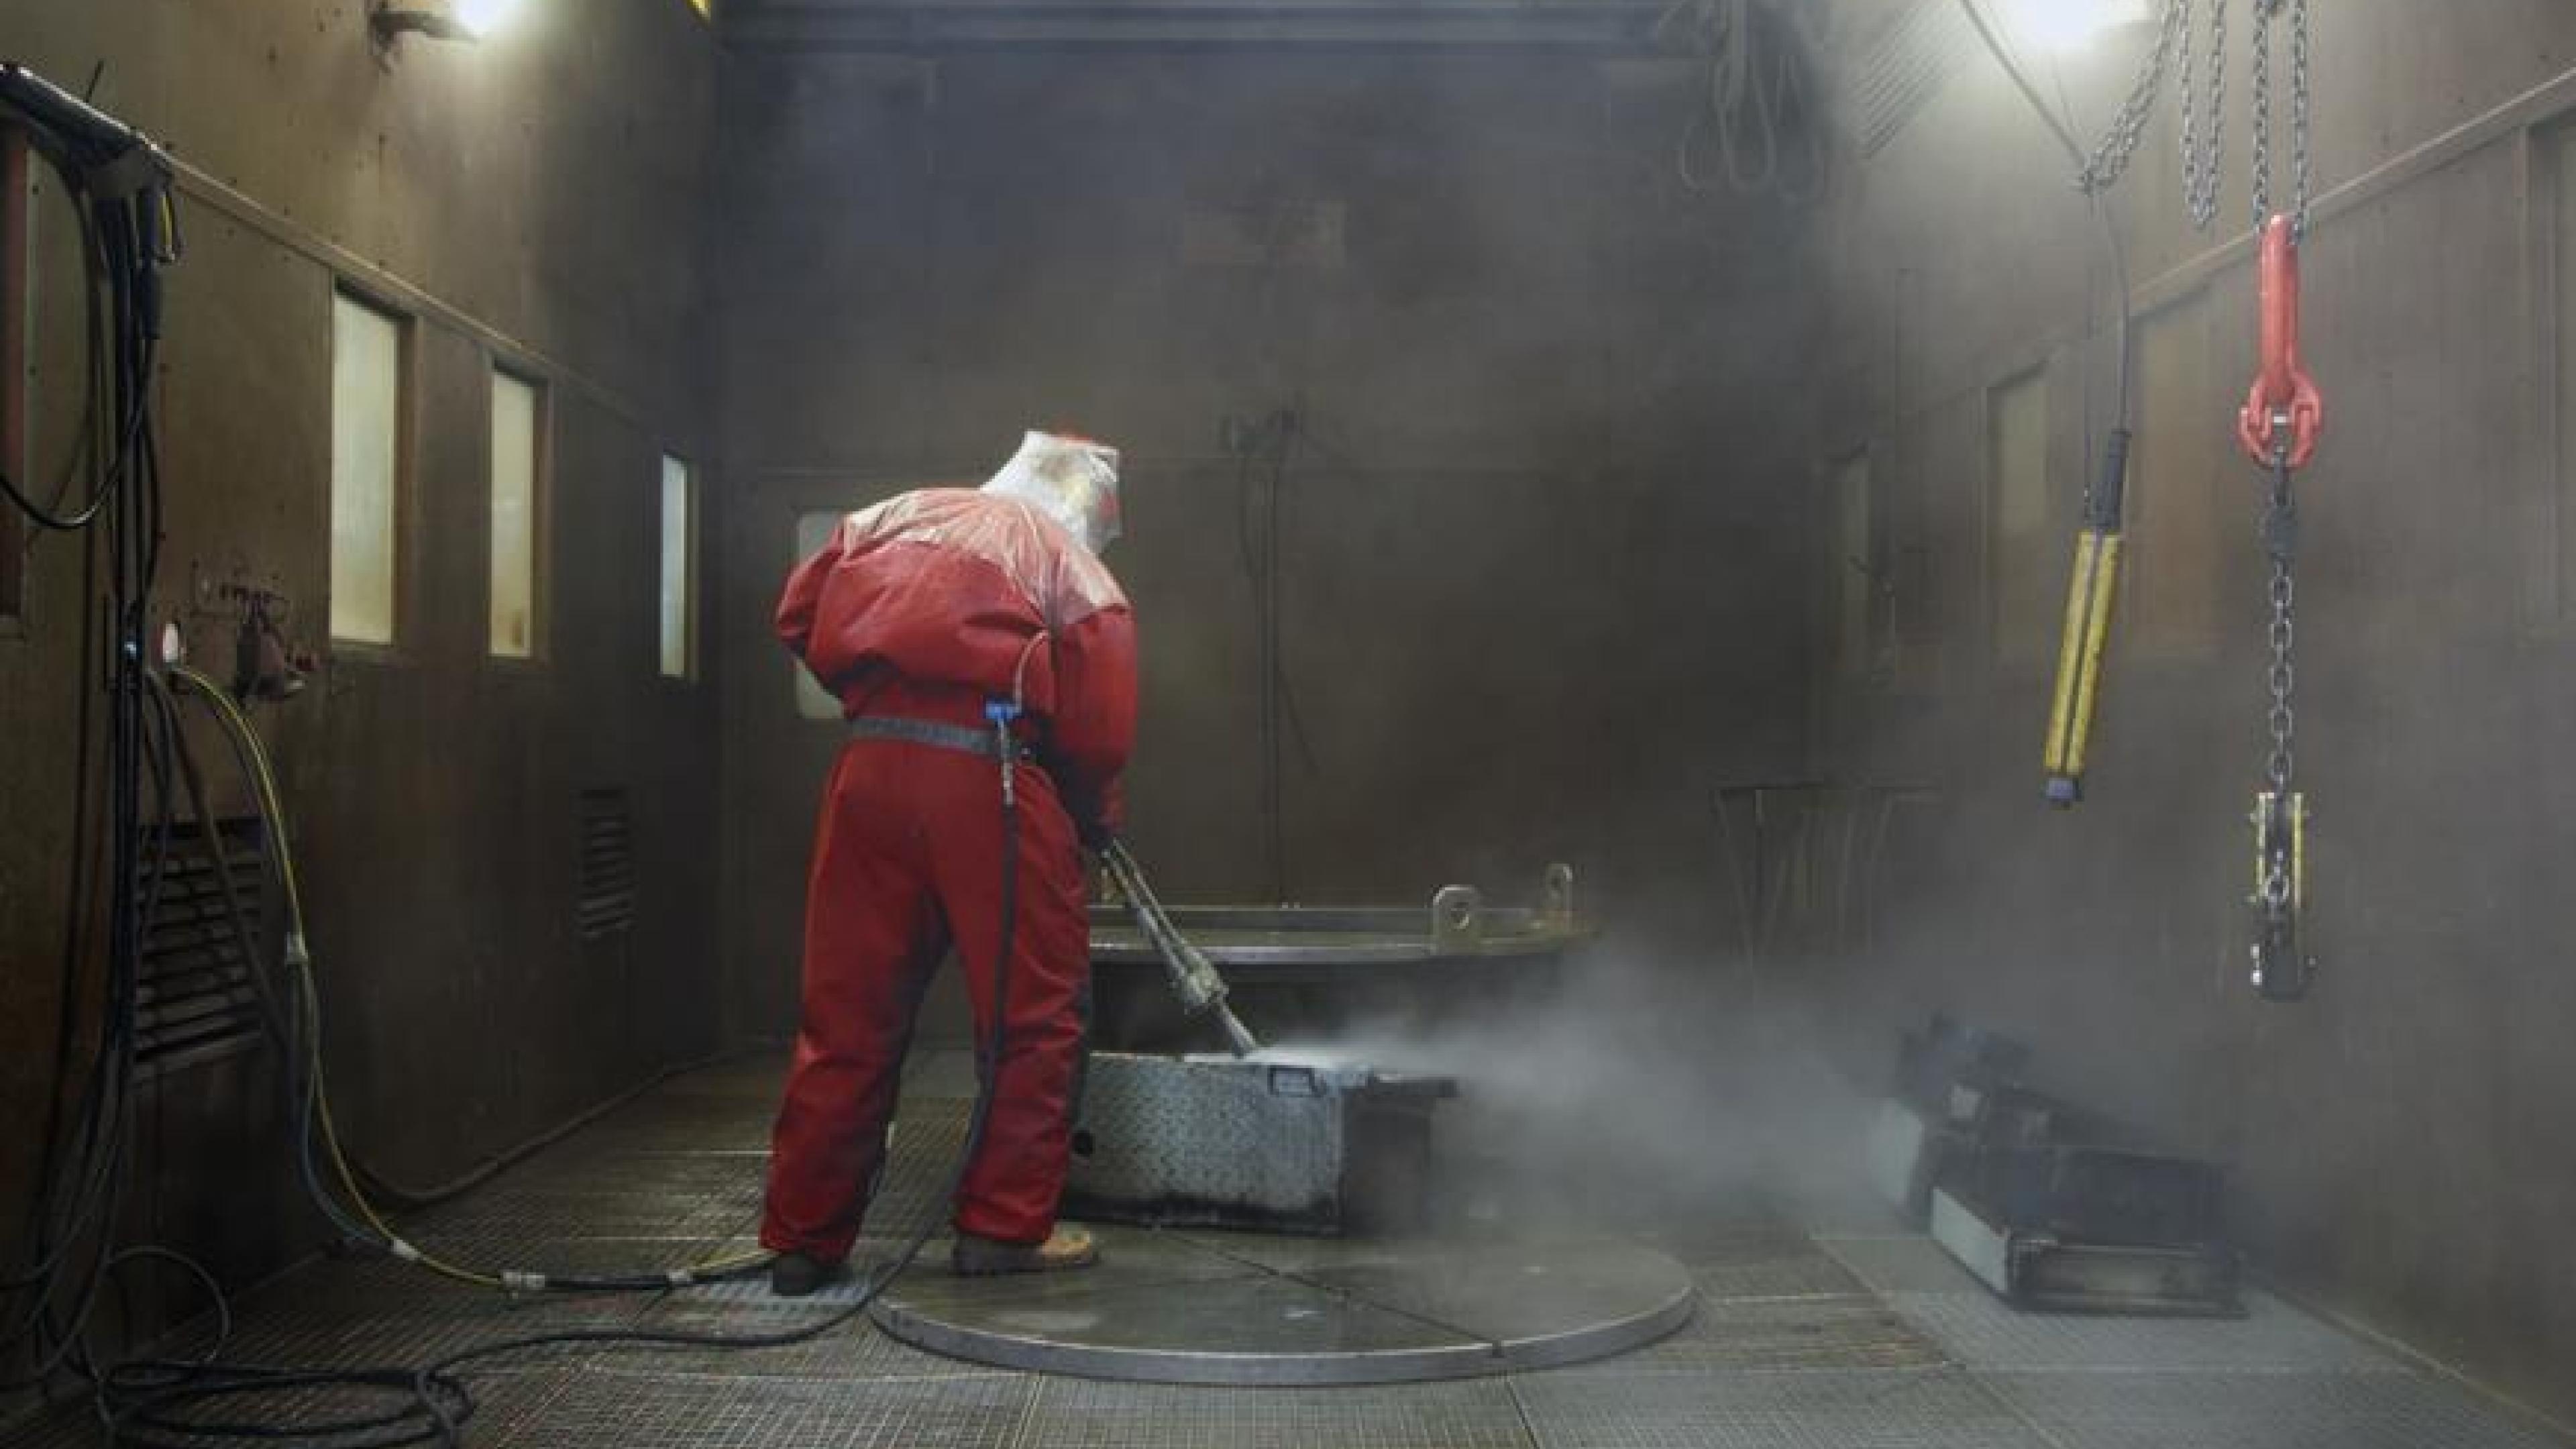 Ein Mann in einem roten Schutzanzug reinigt mit einen Hochdruckreiniger einen Metallkasten.